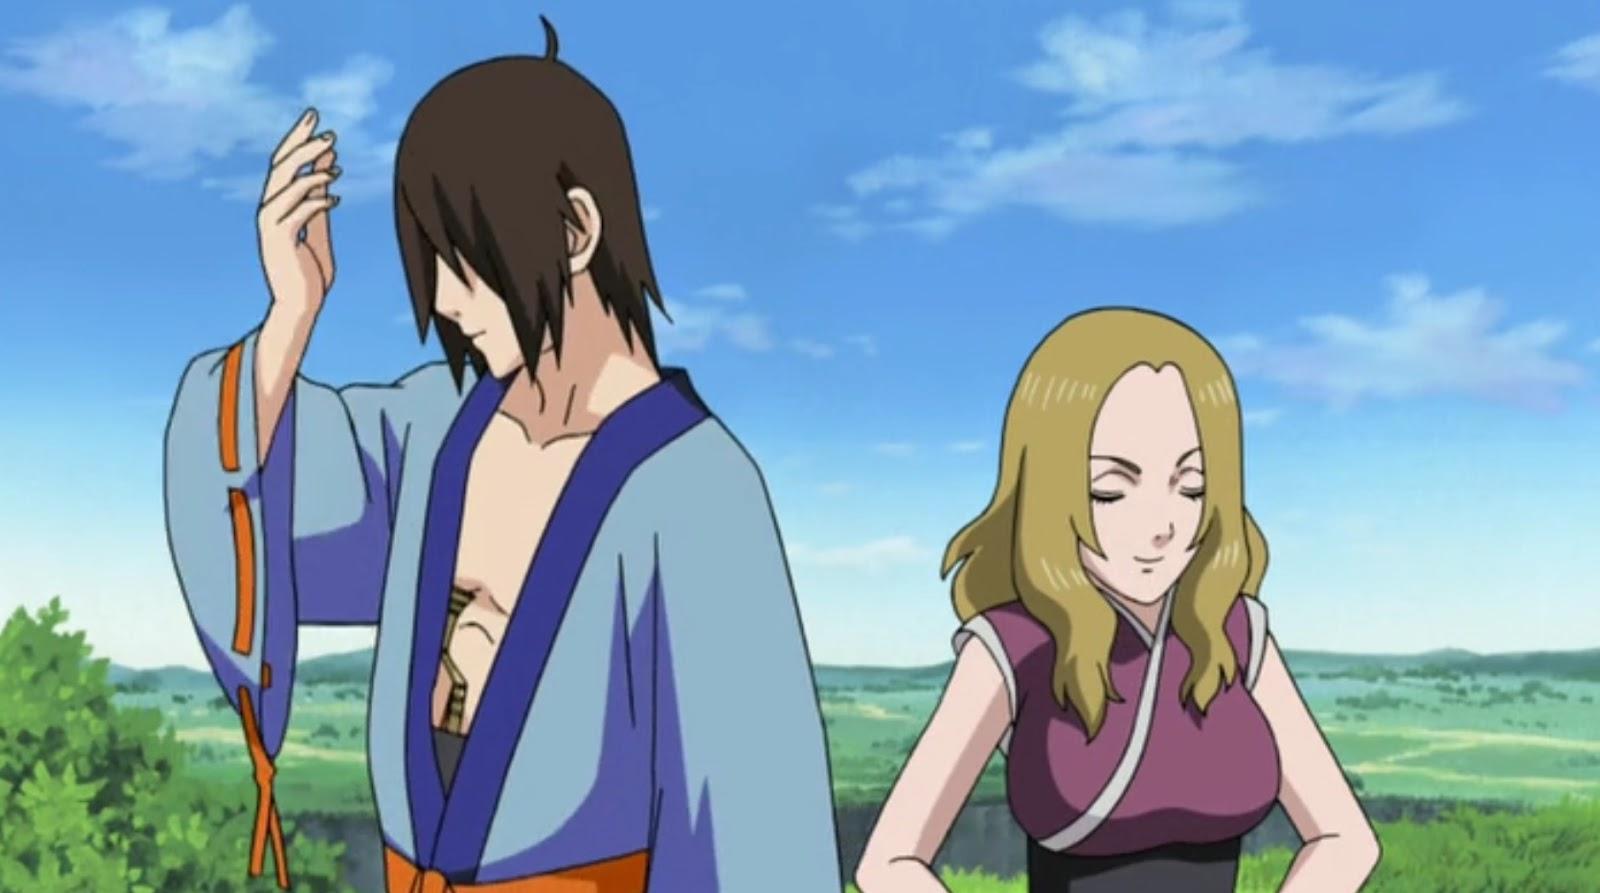 Naruto Shippuden Episódio 145, Naruto Shippuden Episódio 145, Assistir Naruto Shippuden Todos os Episódios Legendado, Naruto Shippuden episódio 145,HD